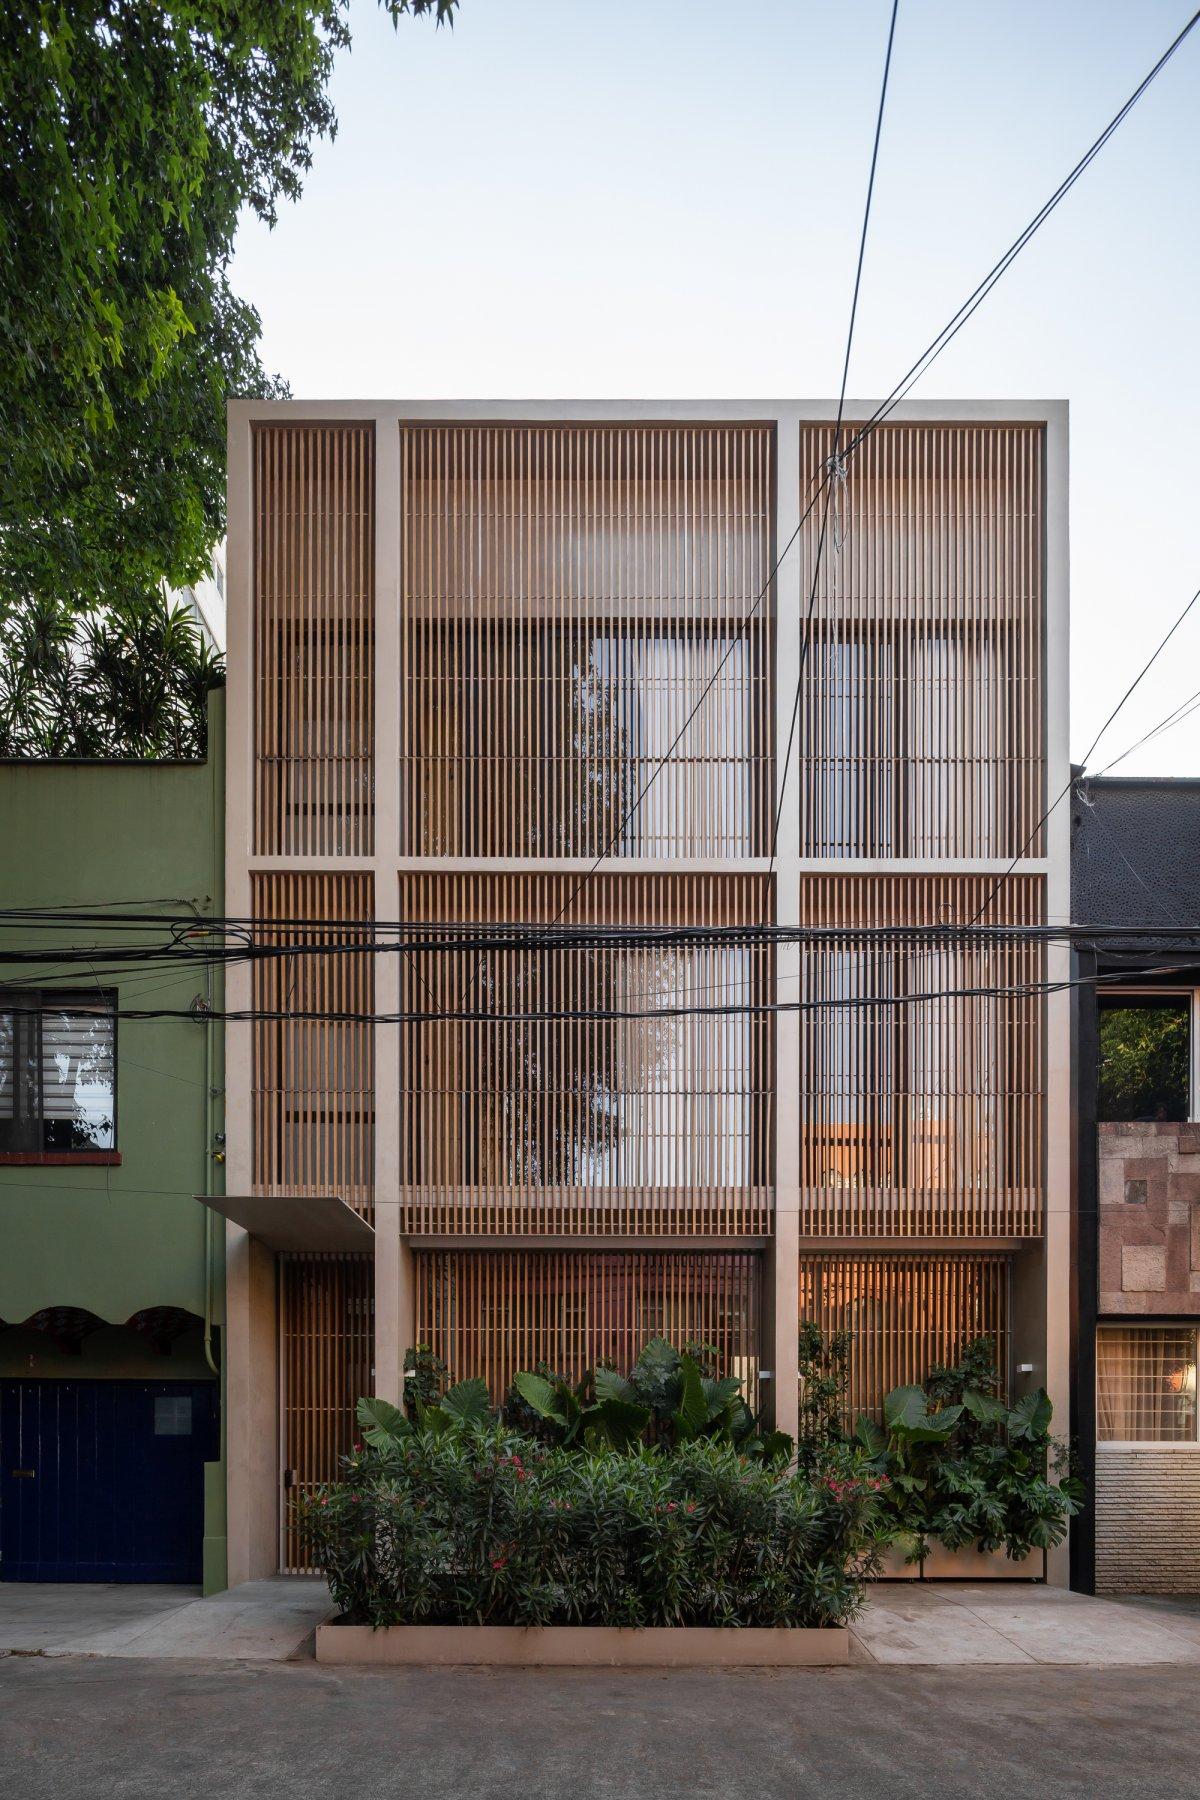 自然、简单,墨西哥建筑住宅项目的相关图片